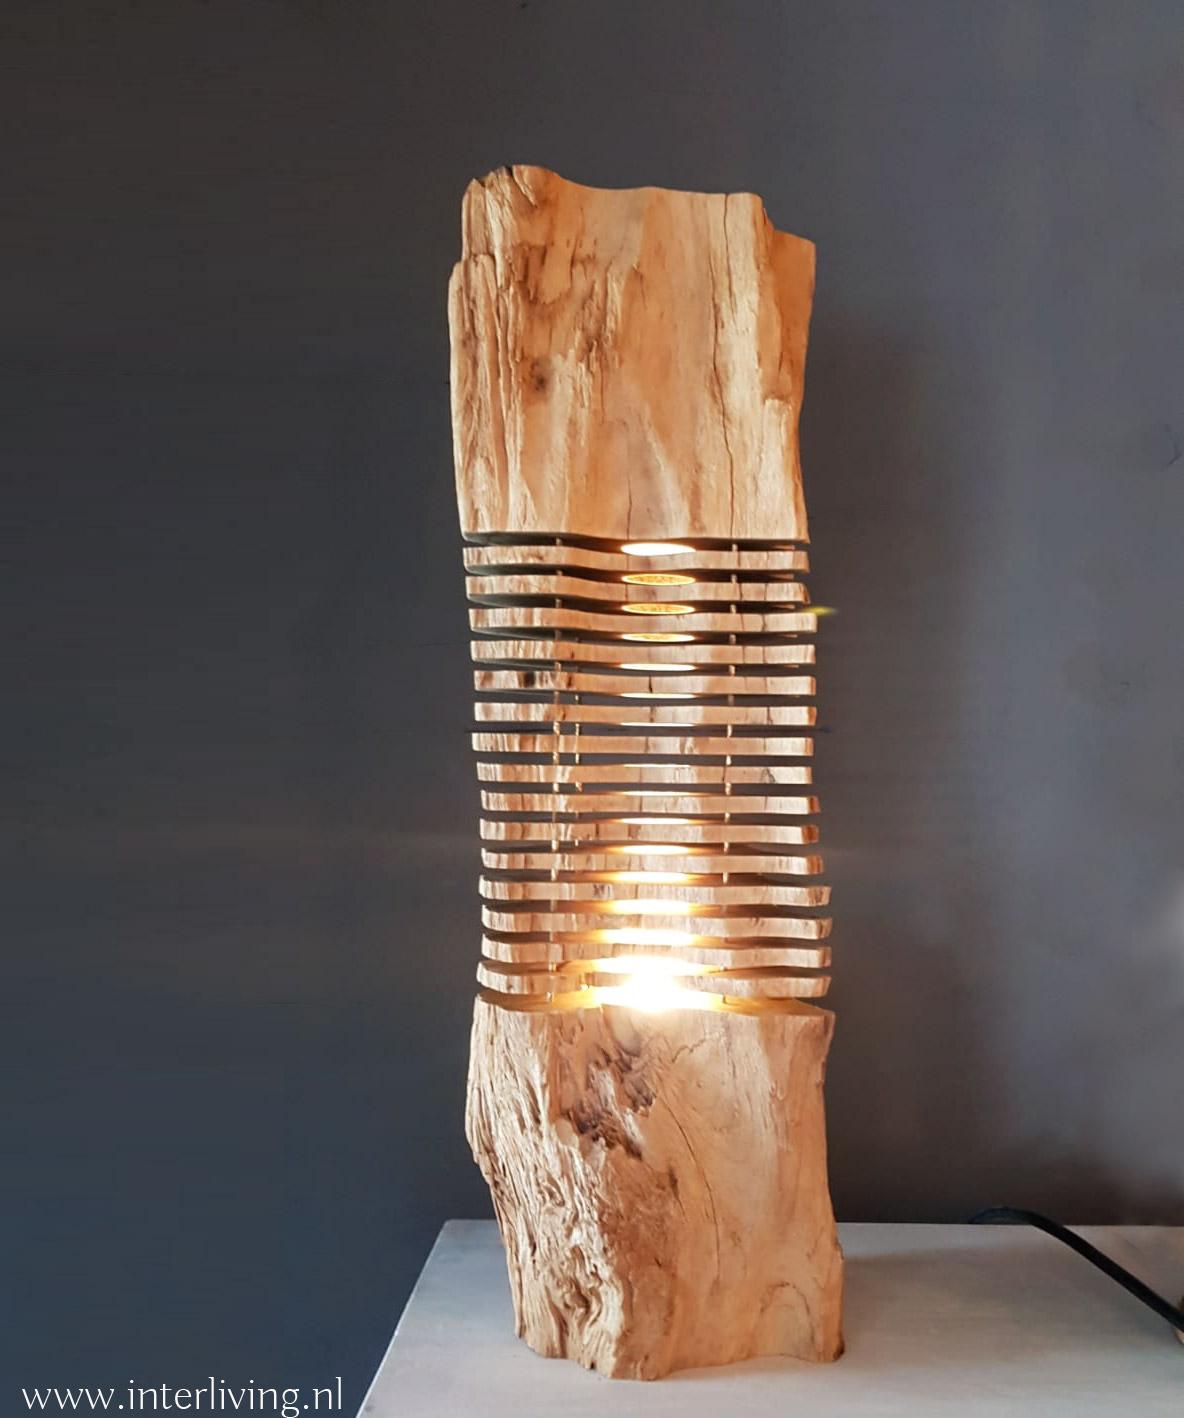 naturel oud teak hout - landelijke stijl tafellamp - stoer sober en chique woontrend